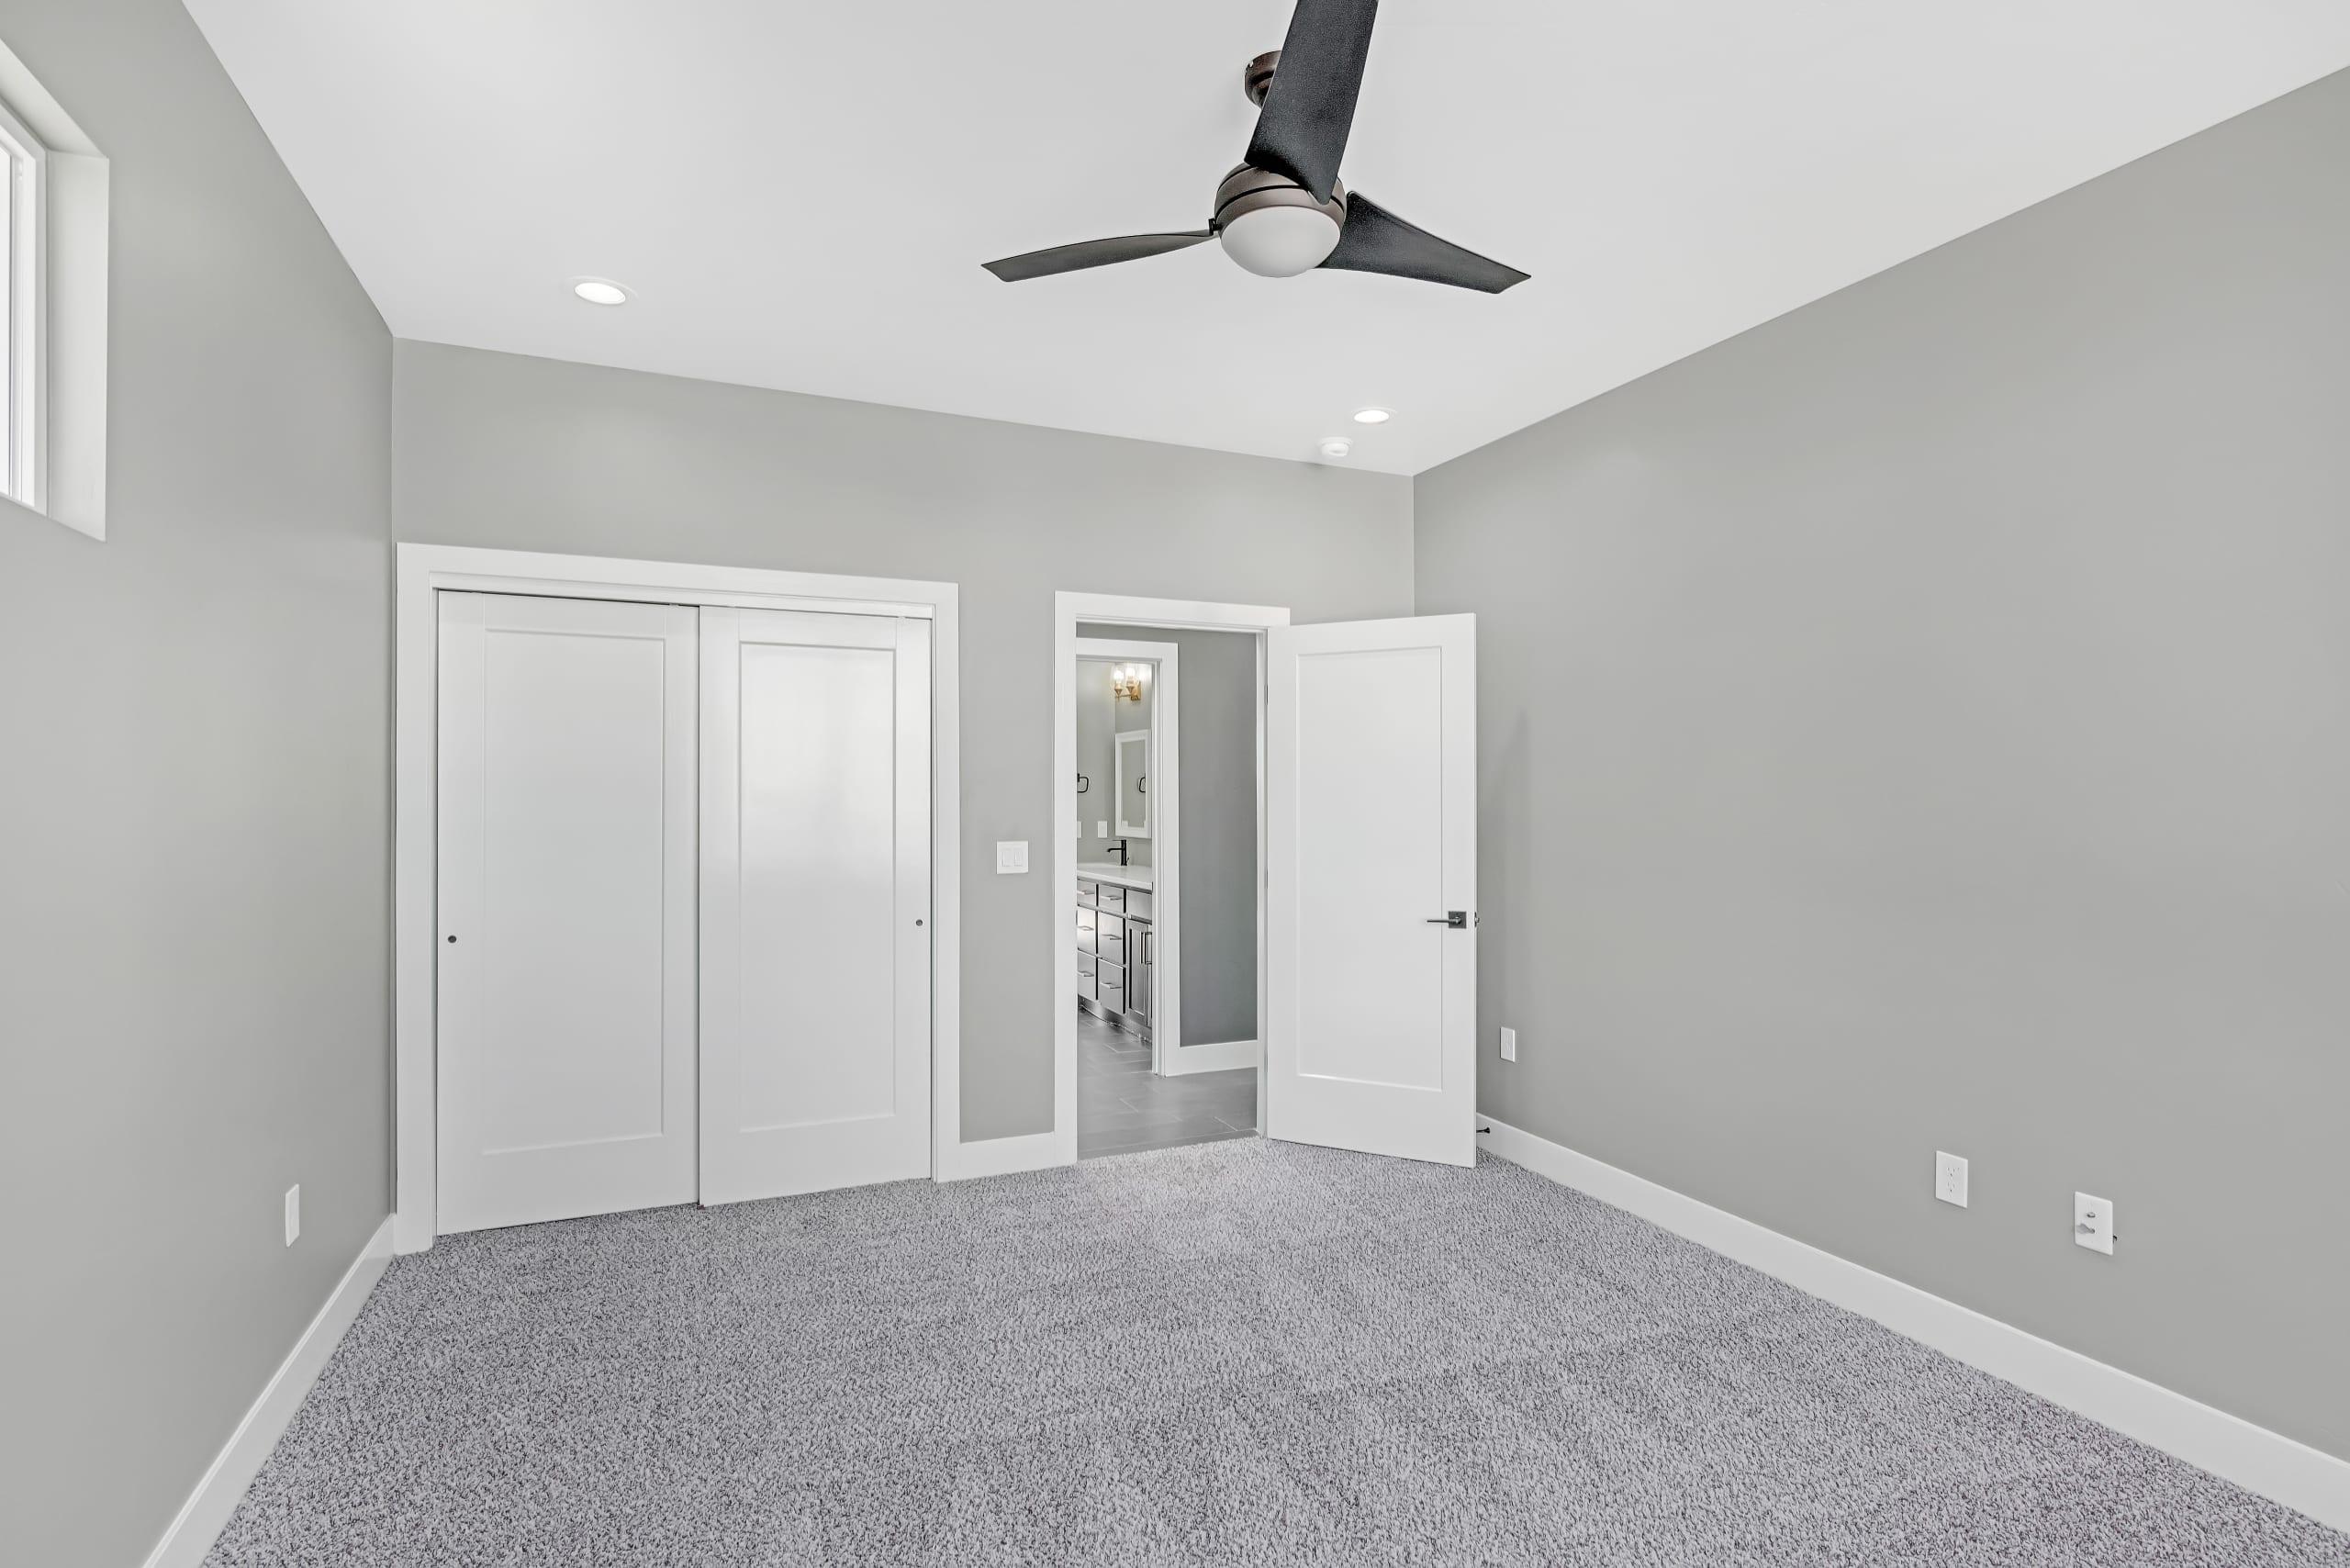 Bedroom - Facing door - ceiling fan